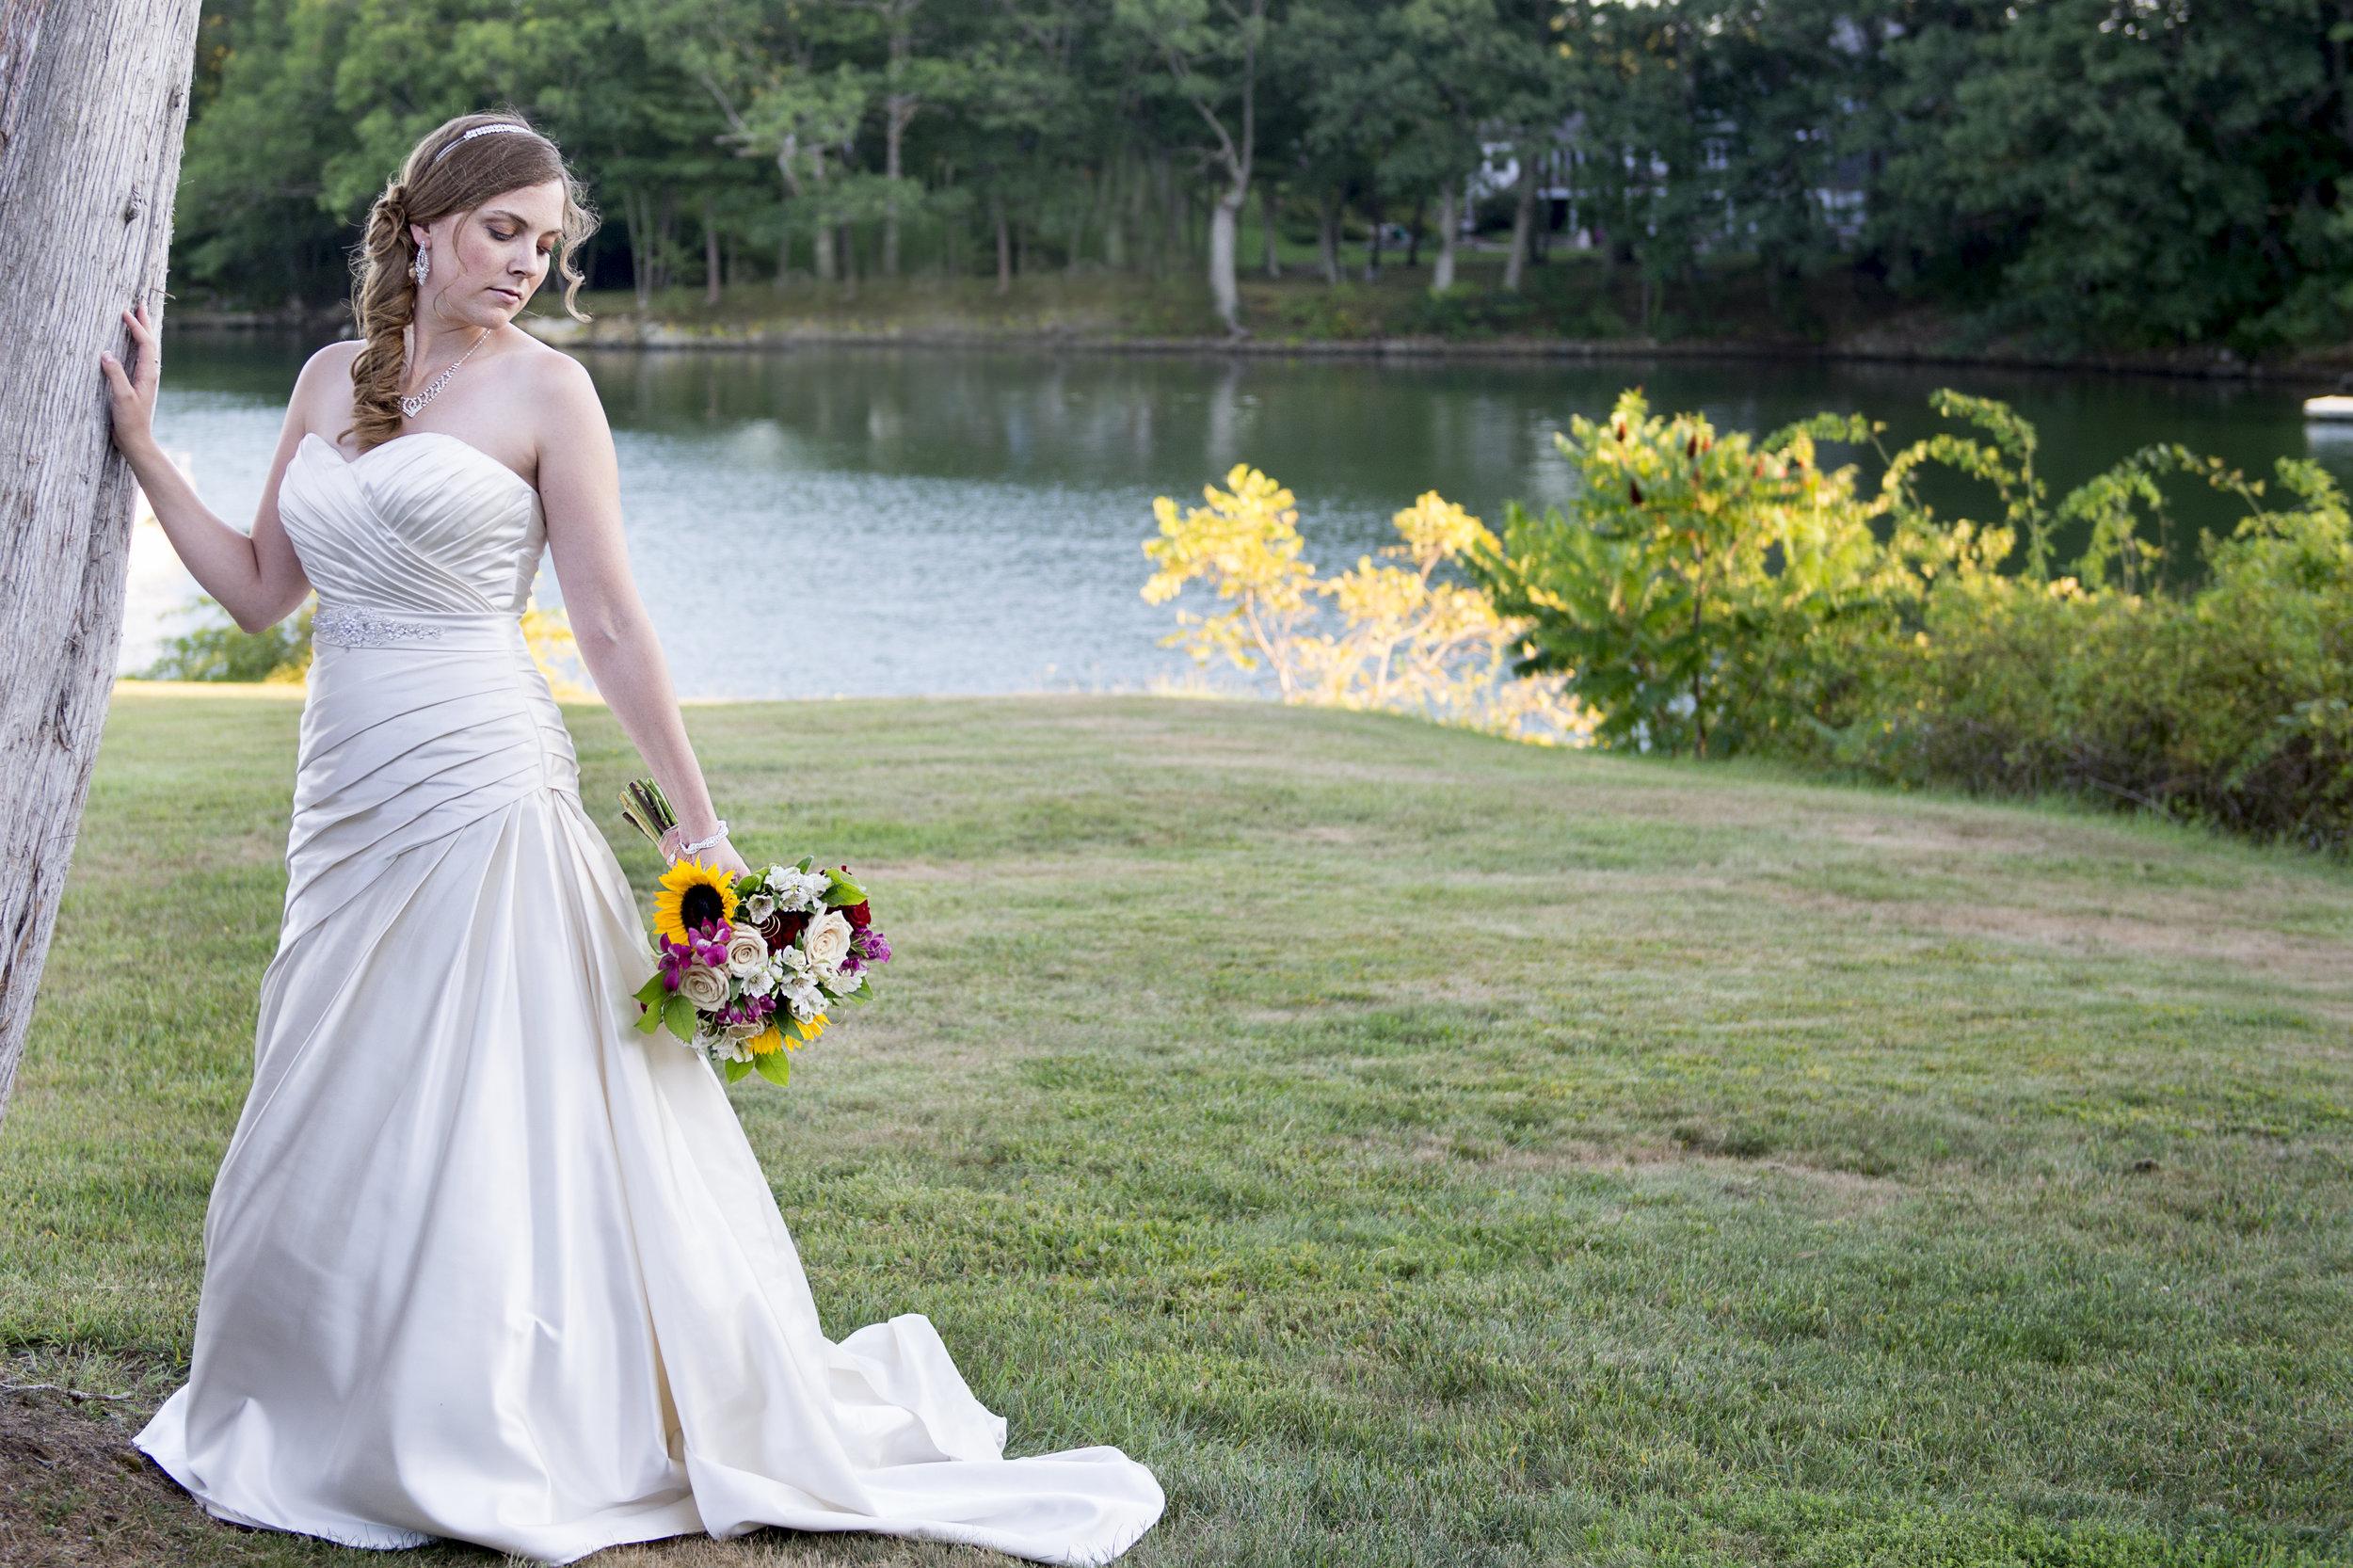 Portsmouth-new hampshire-wedding-photographer